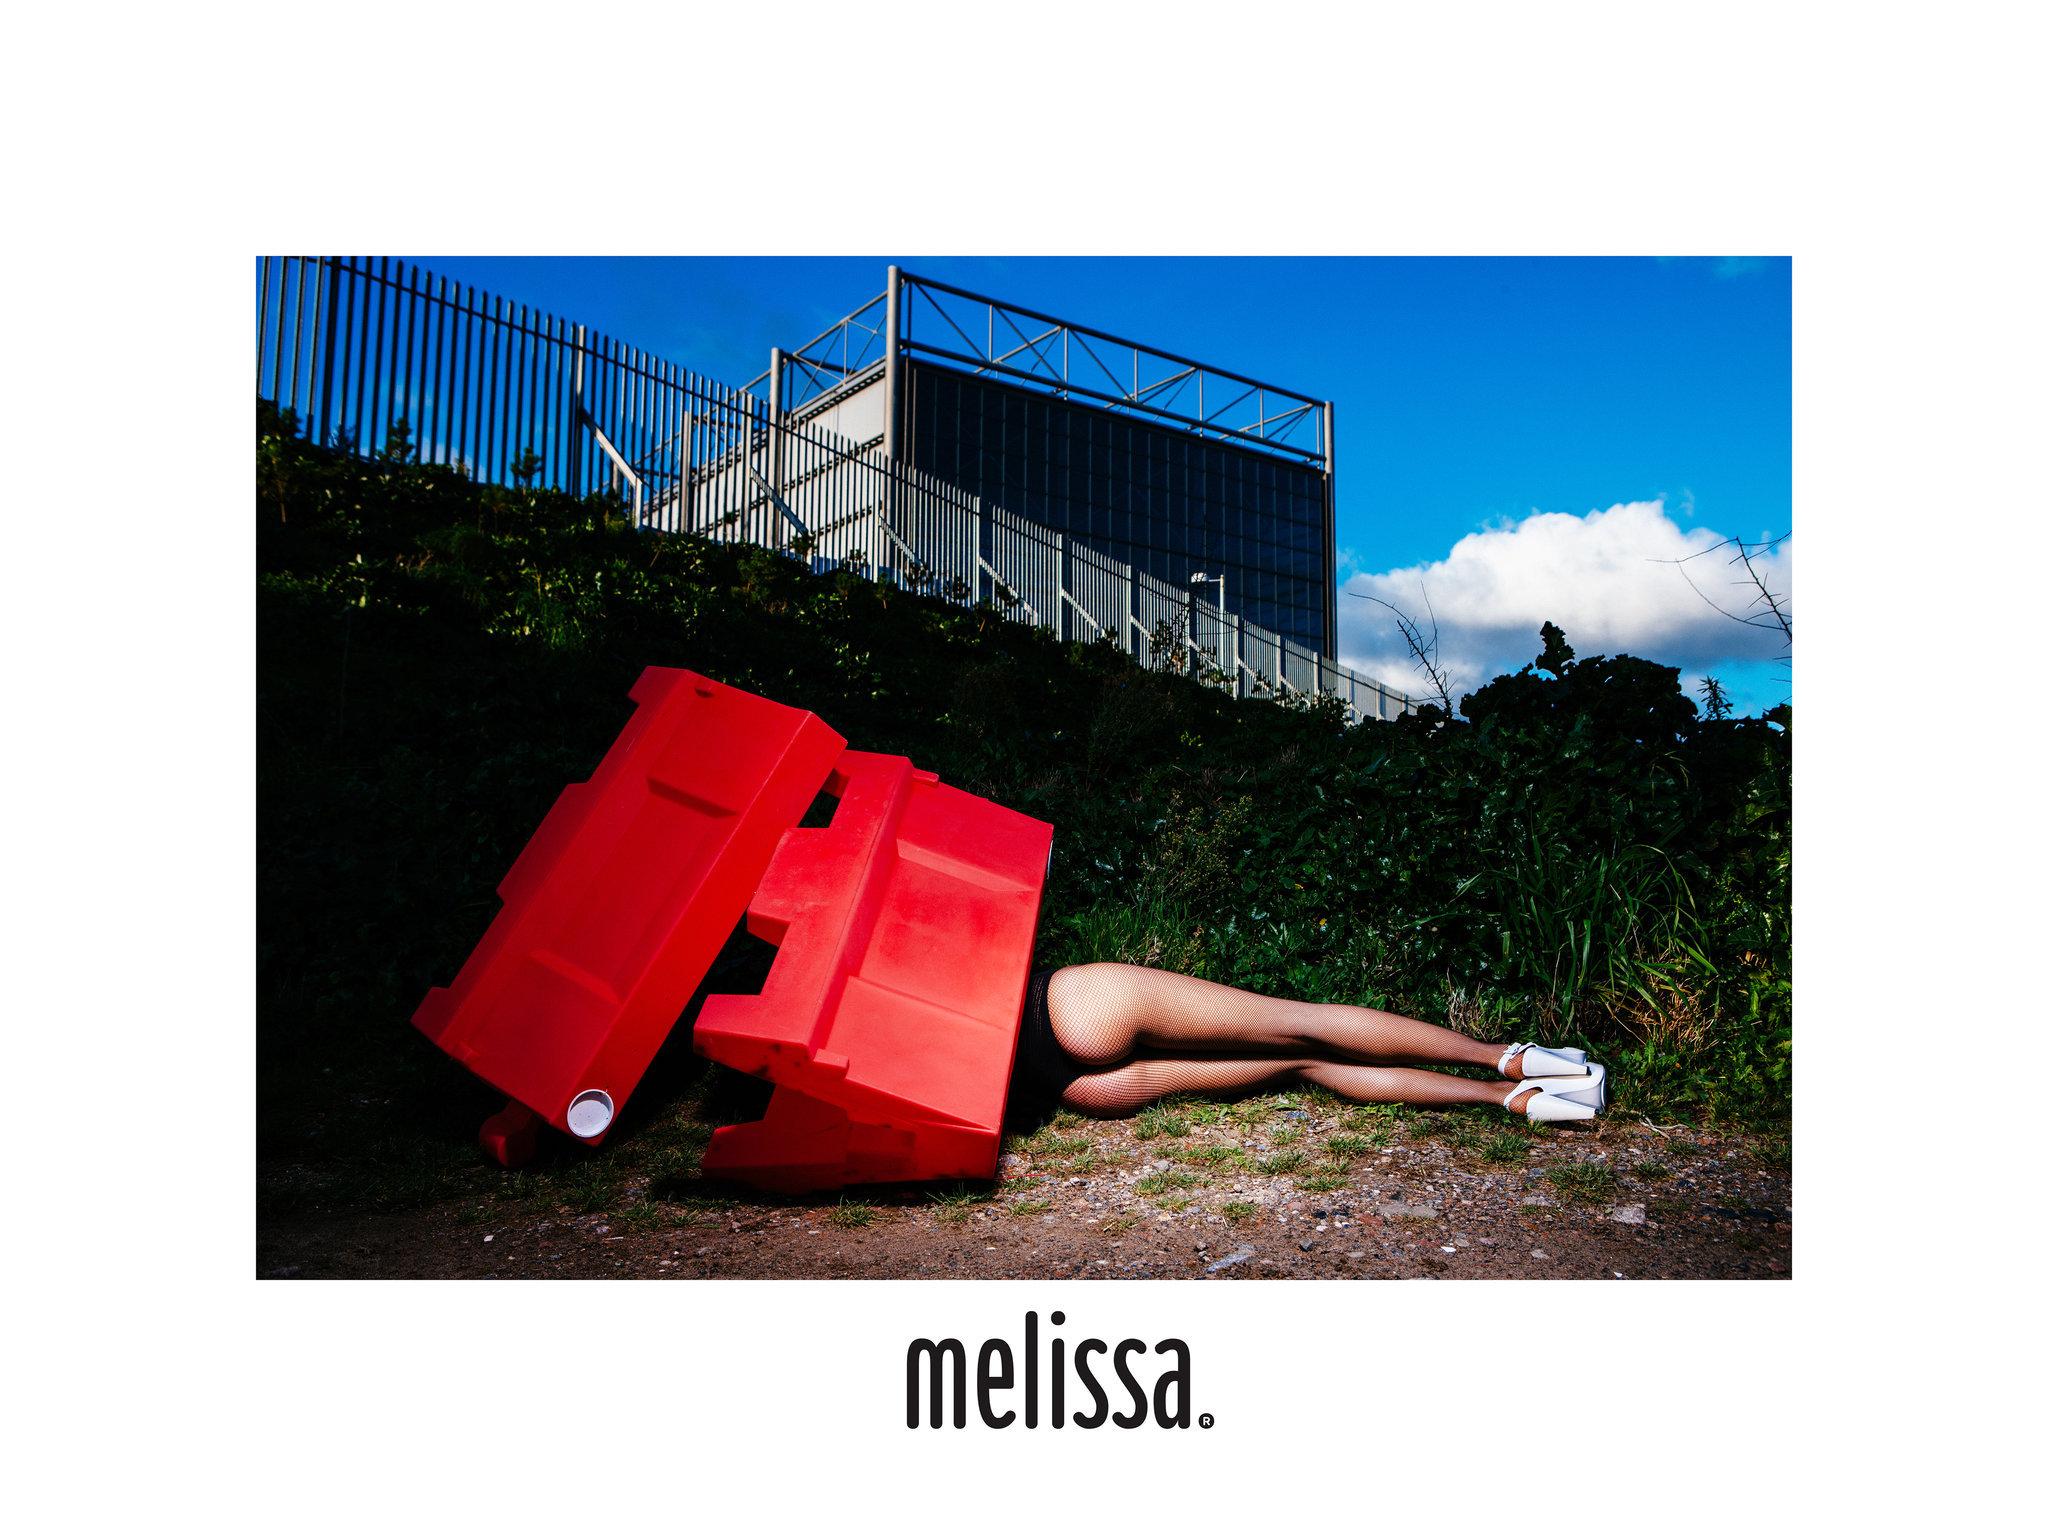 Melissa shoes A/W13